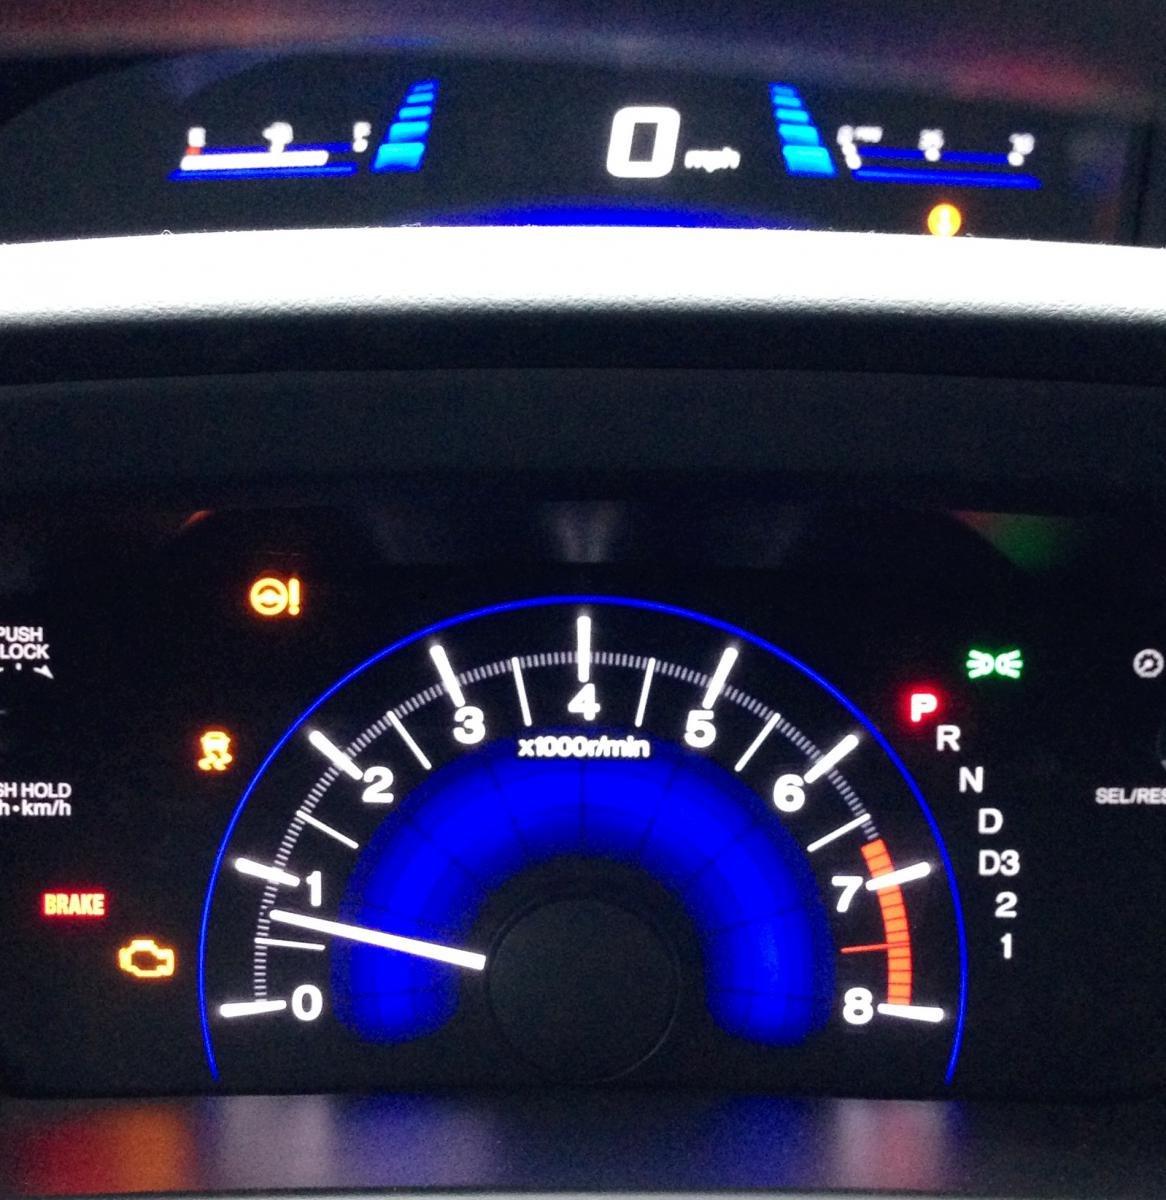 Throttle Response Sensor Update